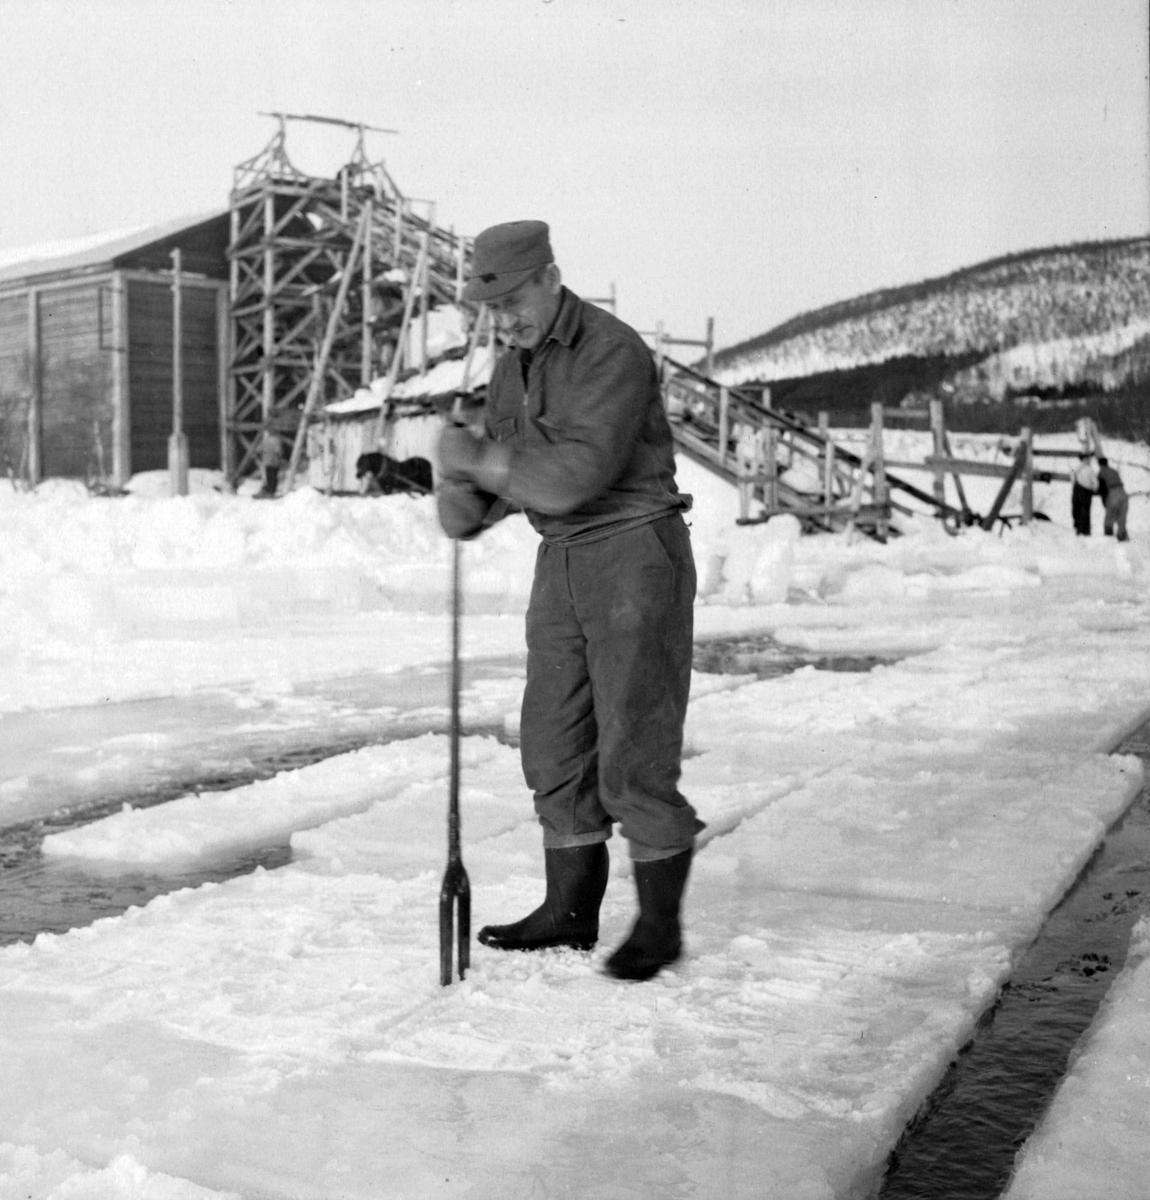 Isskjæring på Møkkelandsvannet, 1954. Johnny Jensen, Møkkeland, arbeider. Isen skulle brukes hos Bertheus Nilsen i byen.